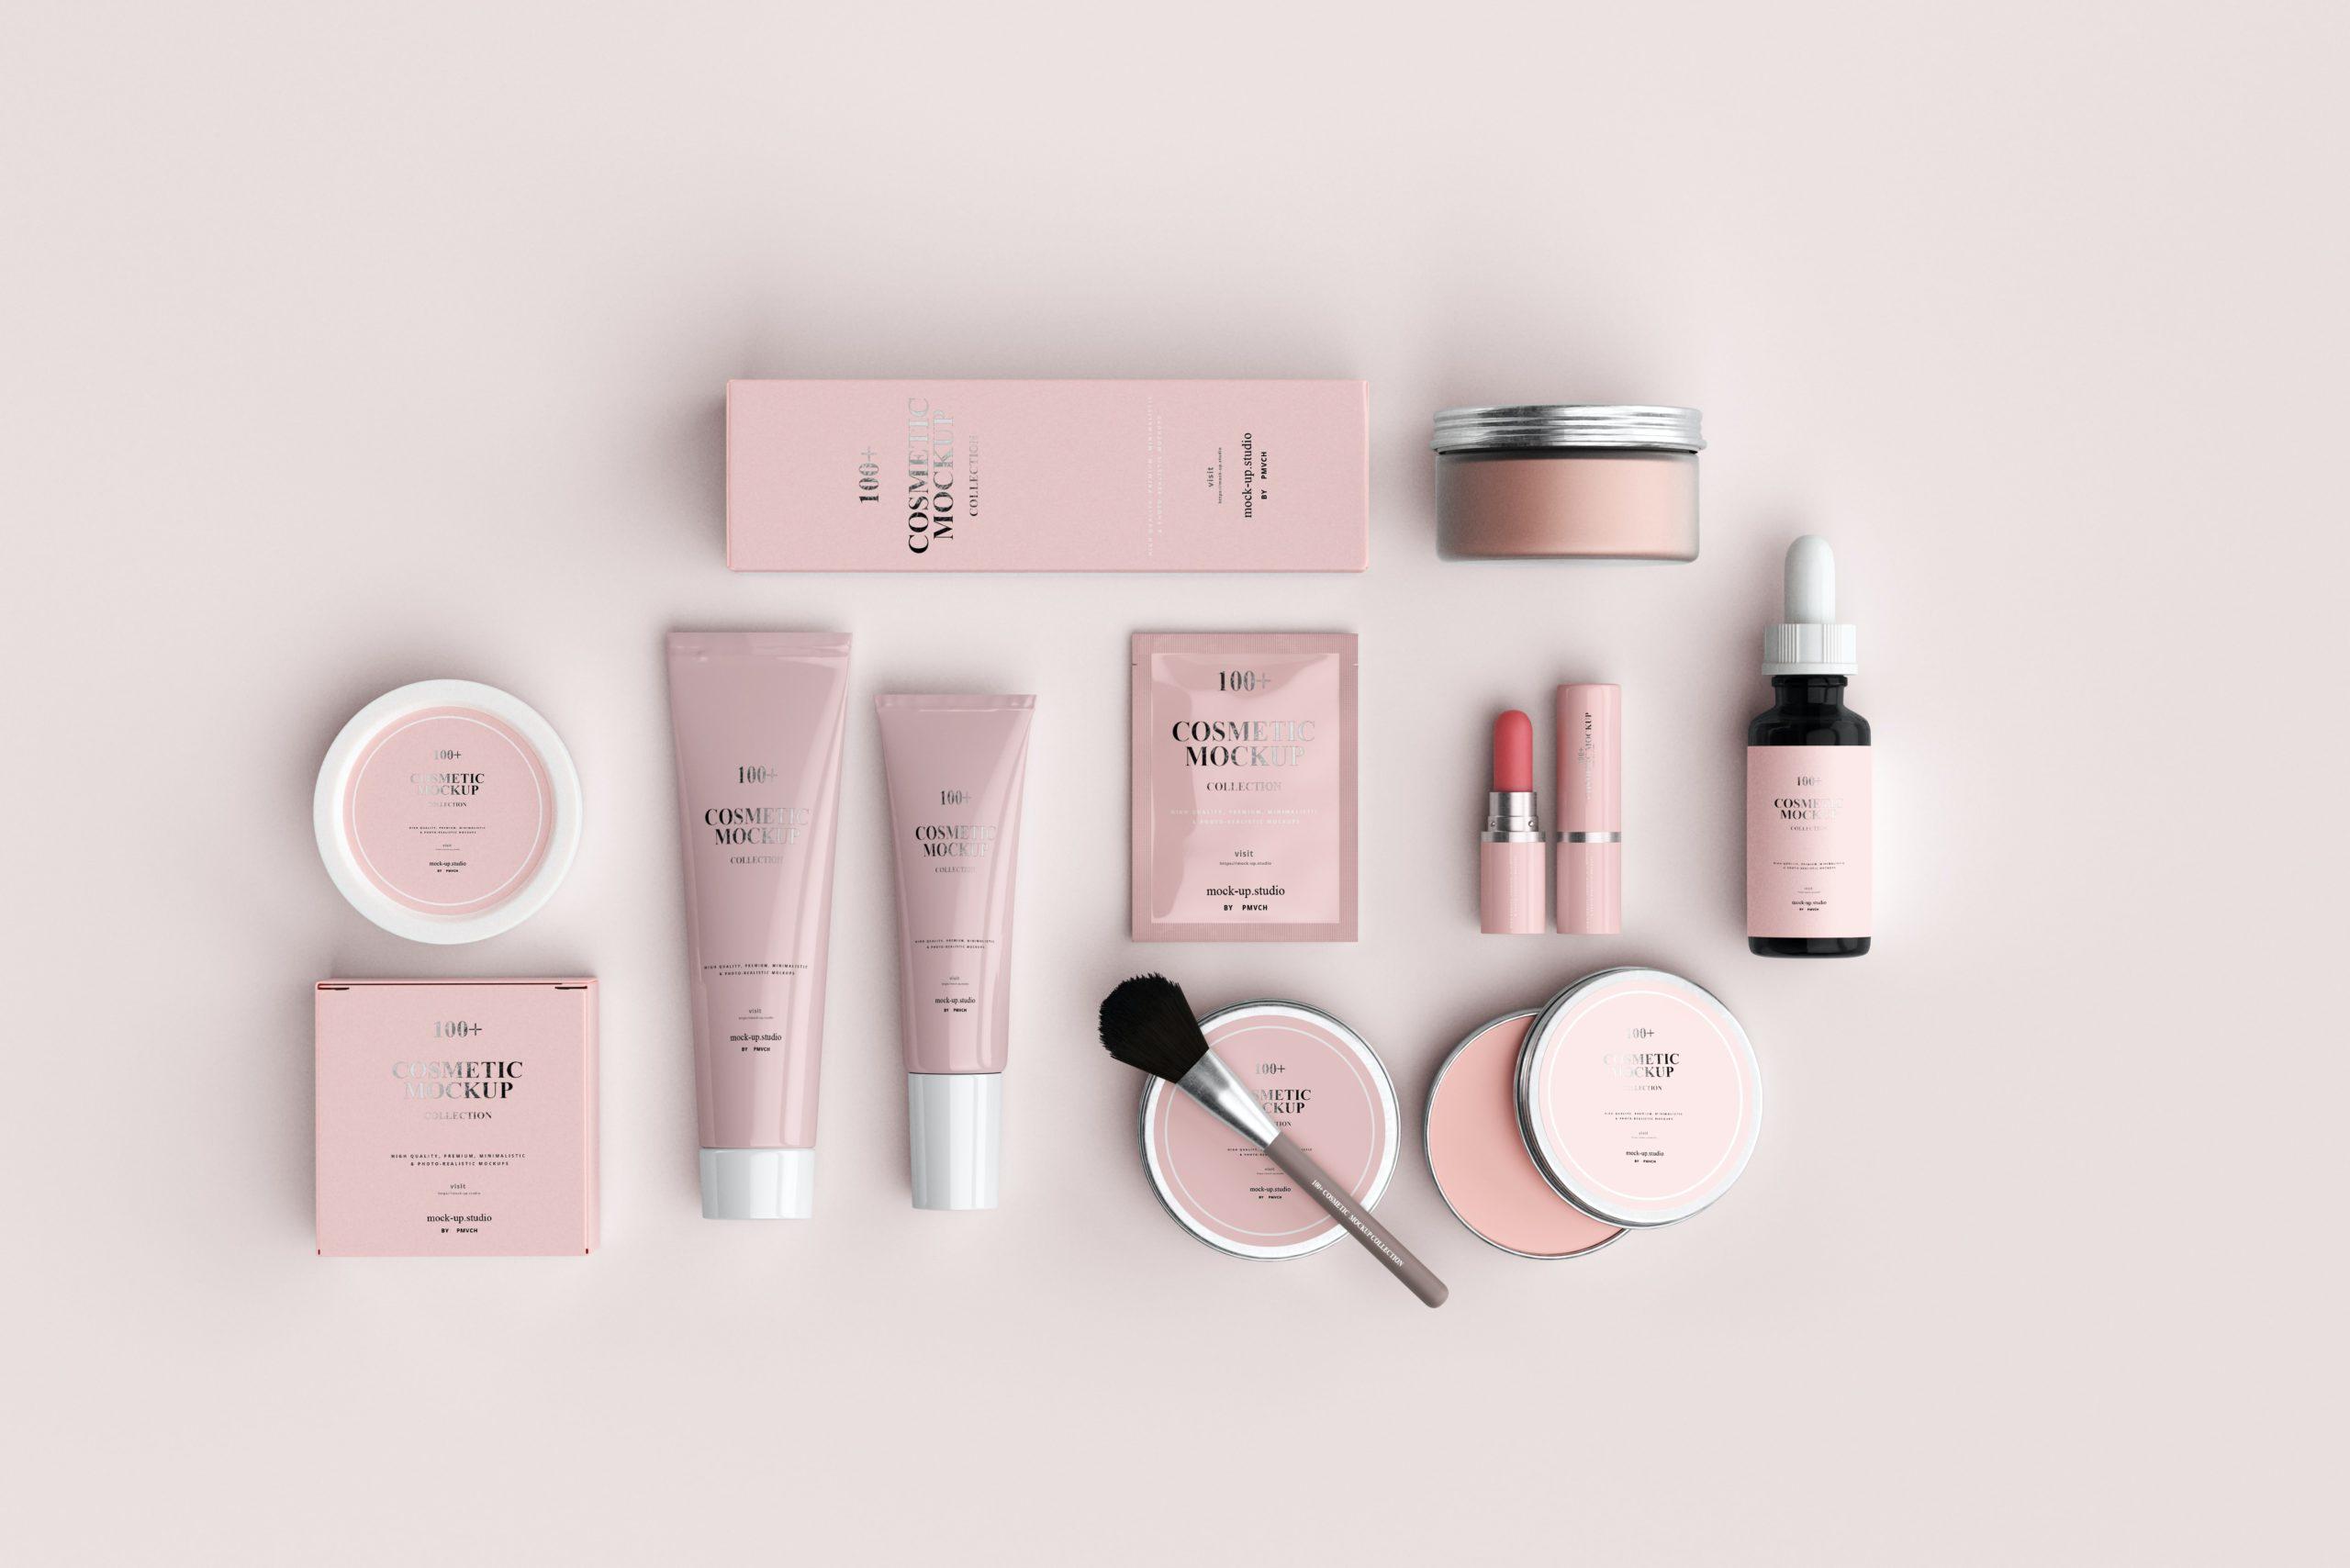 化粧品福袋 2021の検索人気順ランキング!おすすめブランドや予約開始日まとめ!